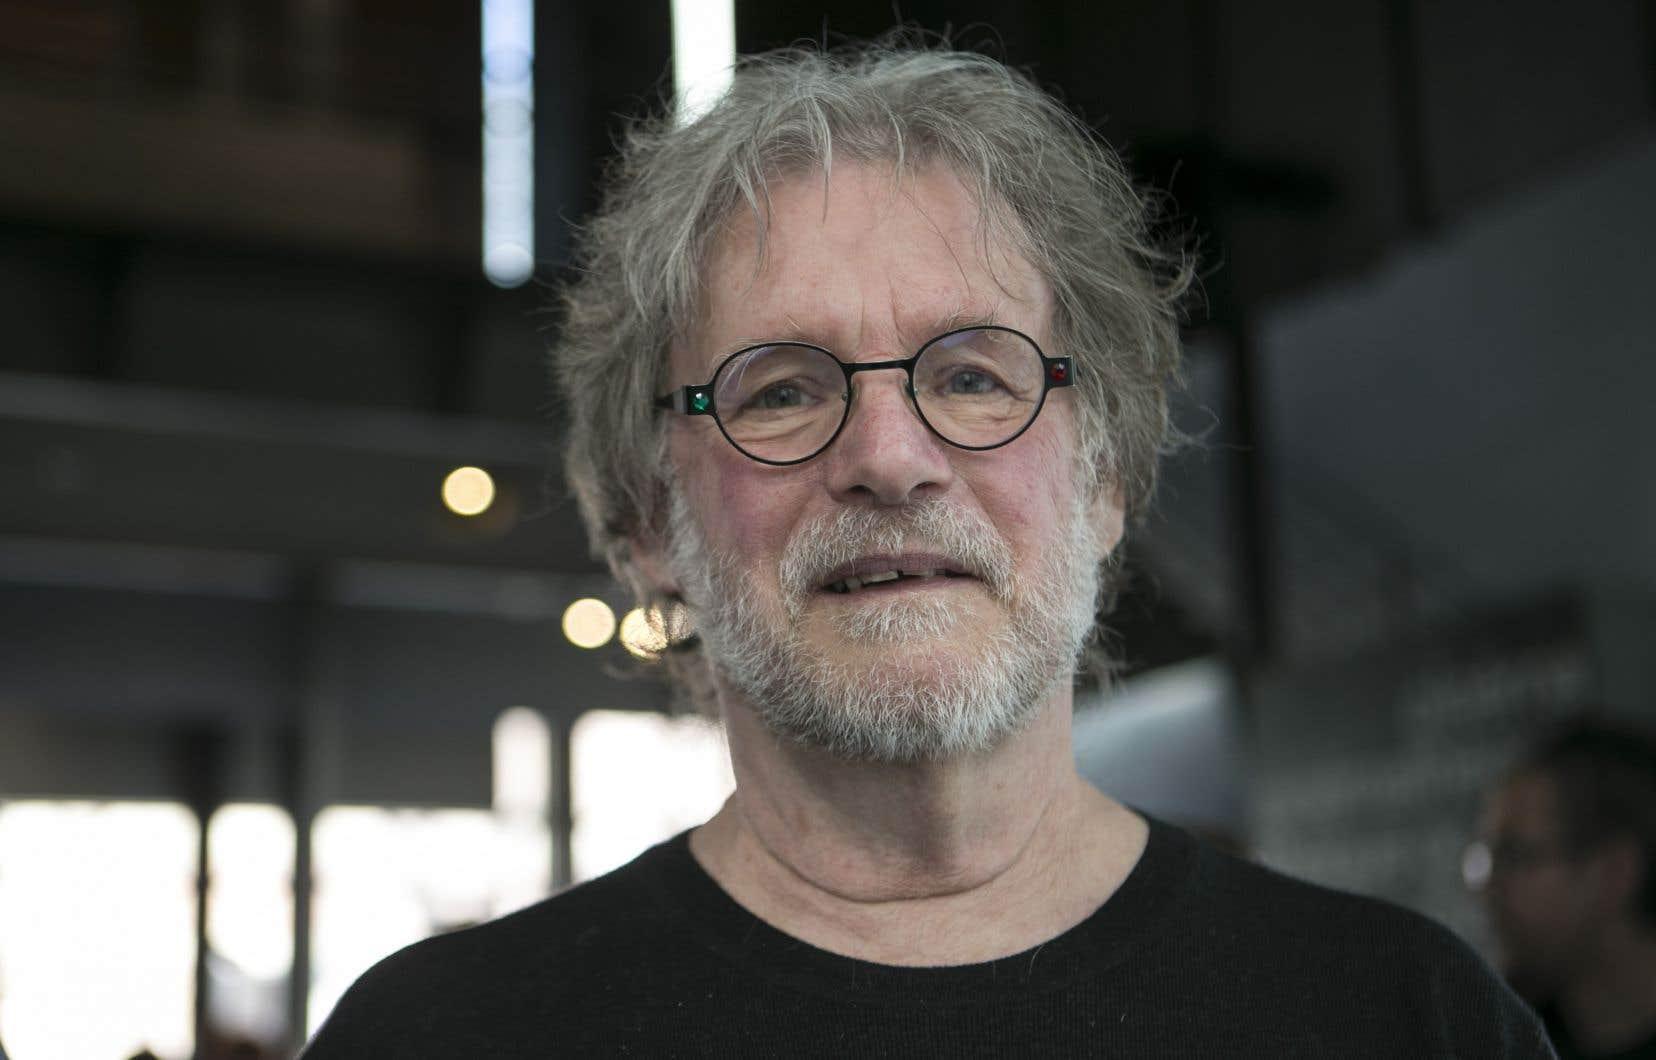 Pierre Mignot est le premier directeur photo à décrocher le prix Iris Hommage. Il avait également été le premier artisan du cinéma spécialisé dans cette fonction à décrocher le prix Albert-Tessier en 2007.